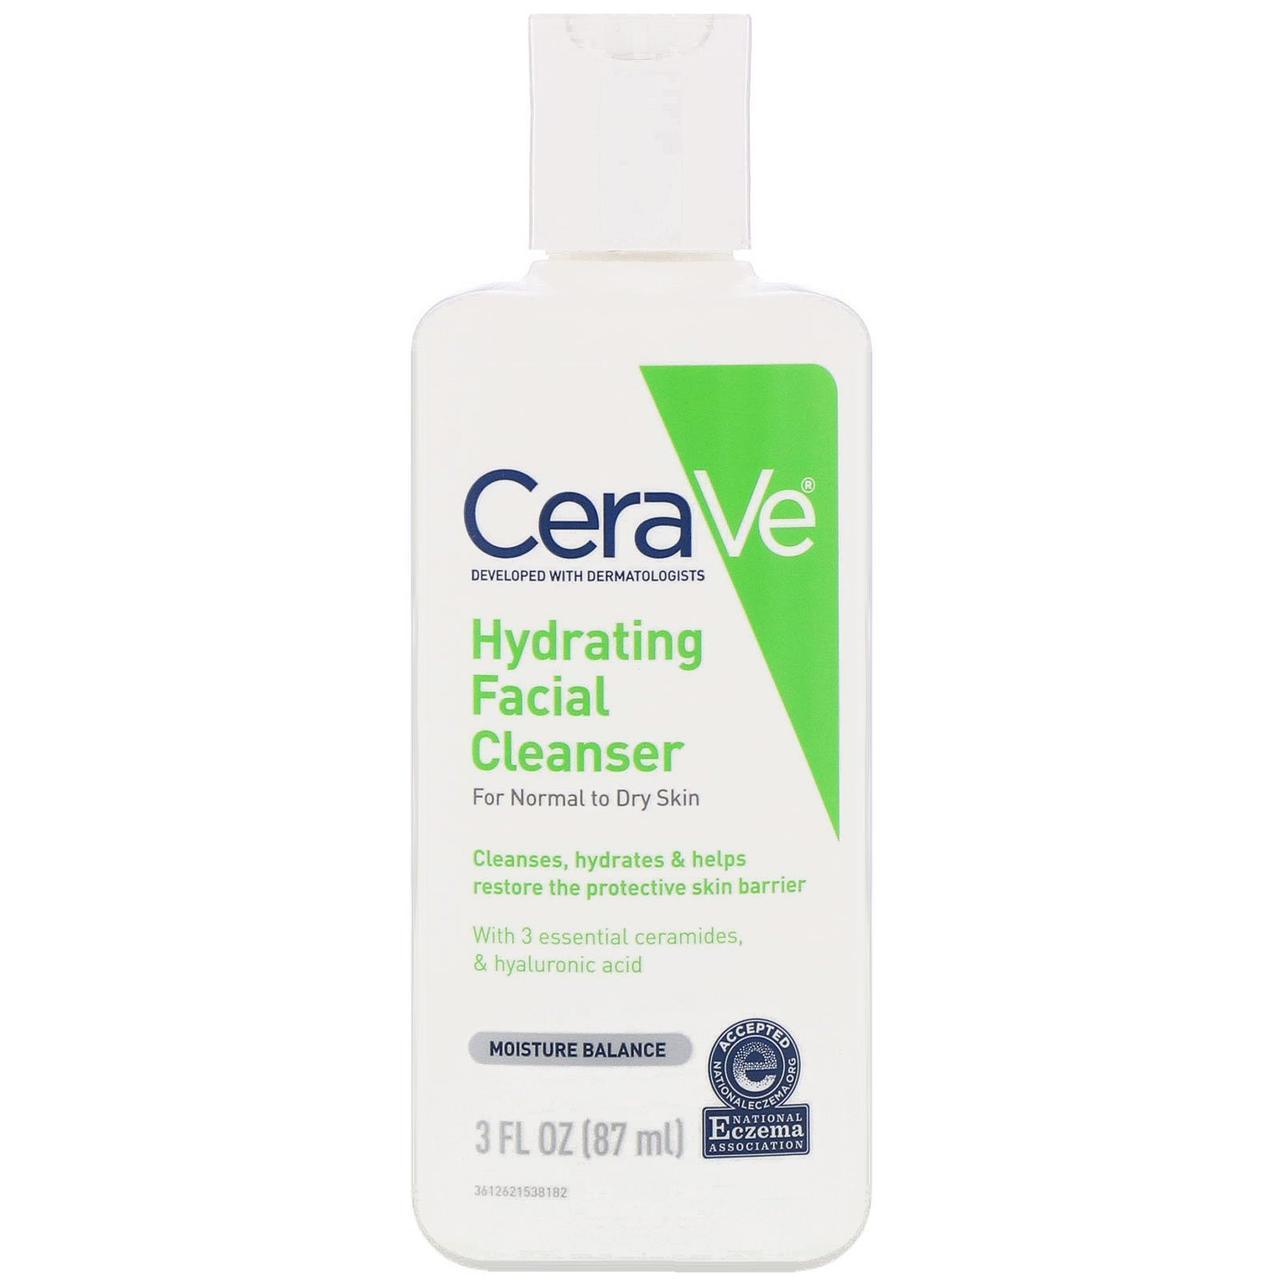 Увлажняющее, очищающее средство для лица, для нормальной и сухой кожи, 87 мл  CeraVe